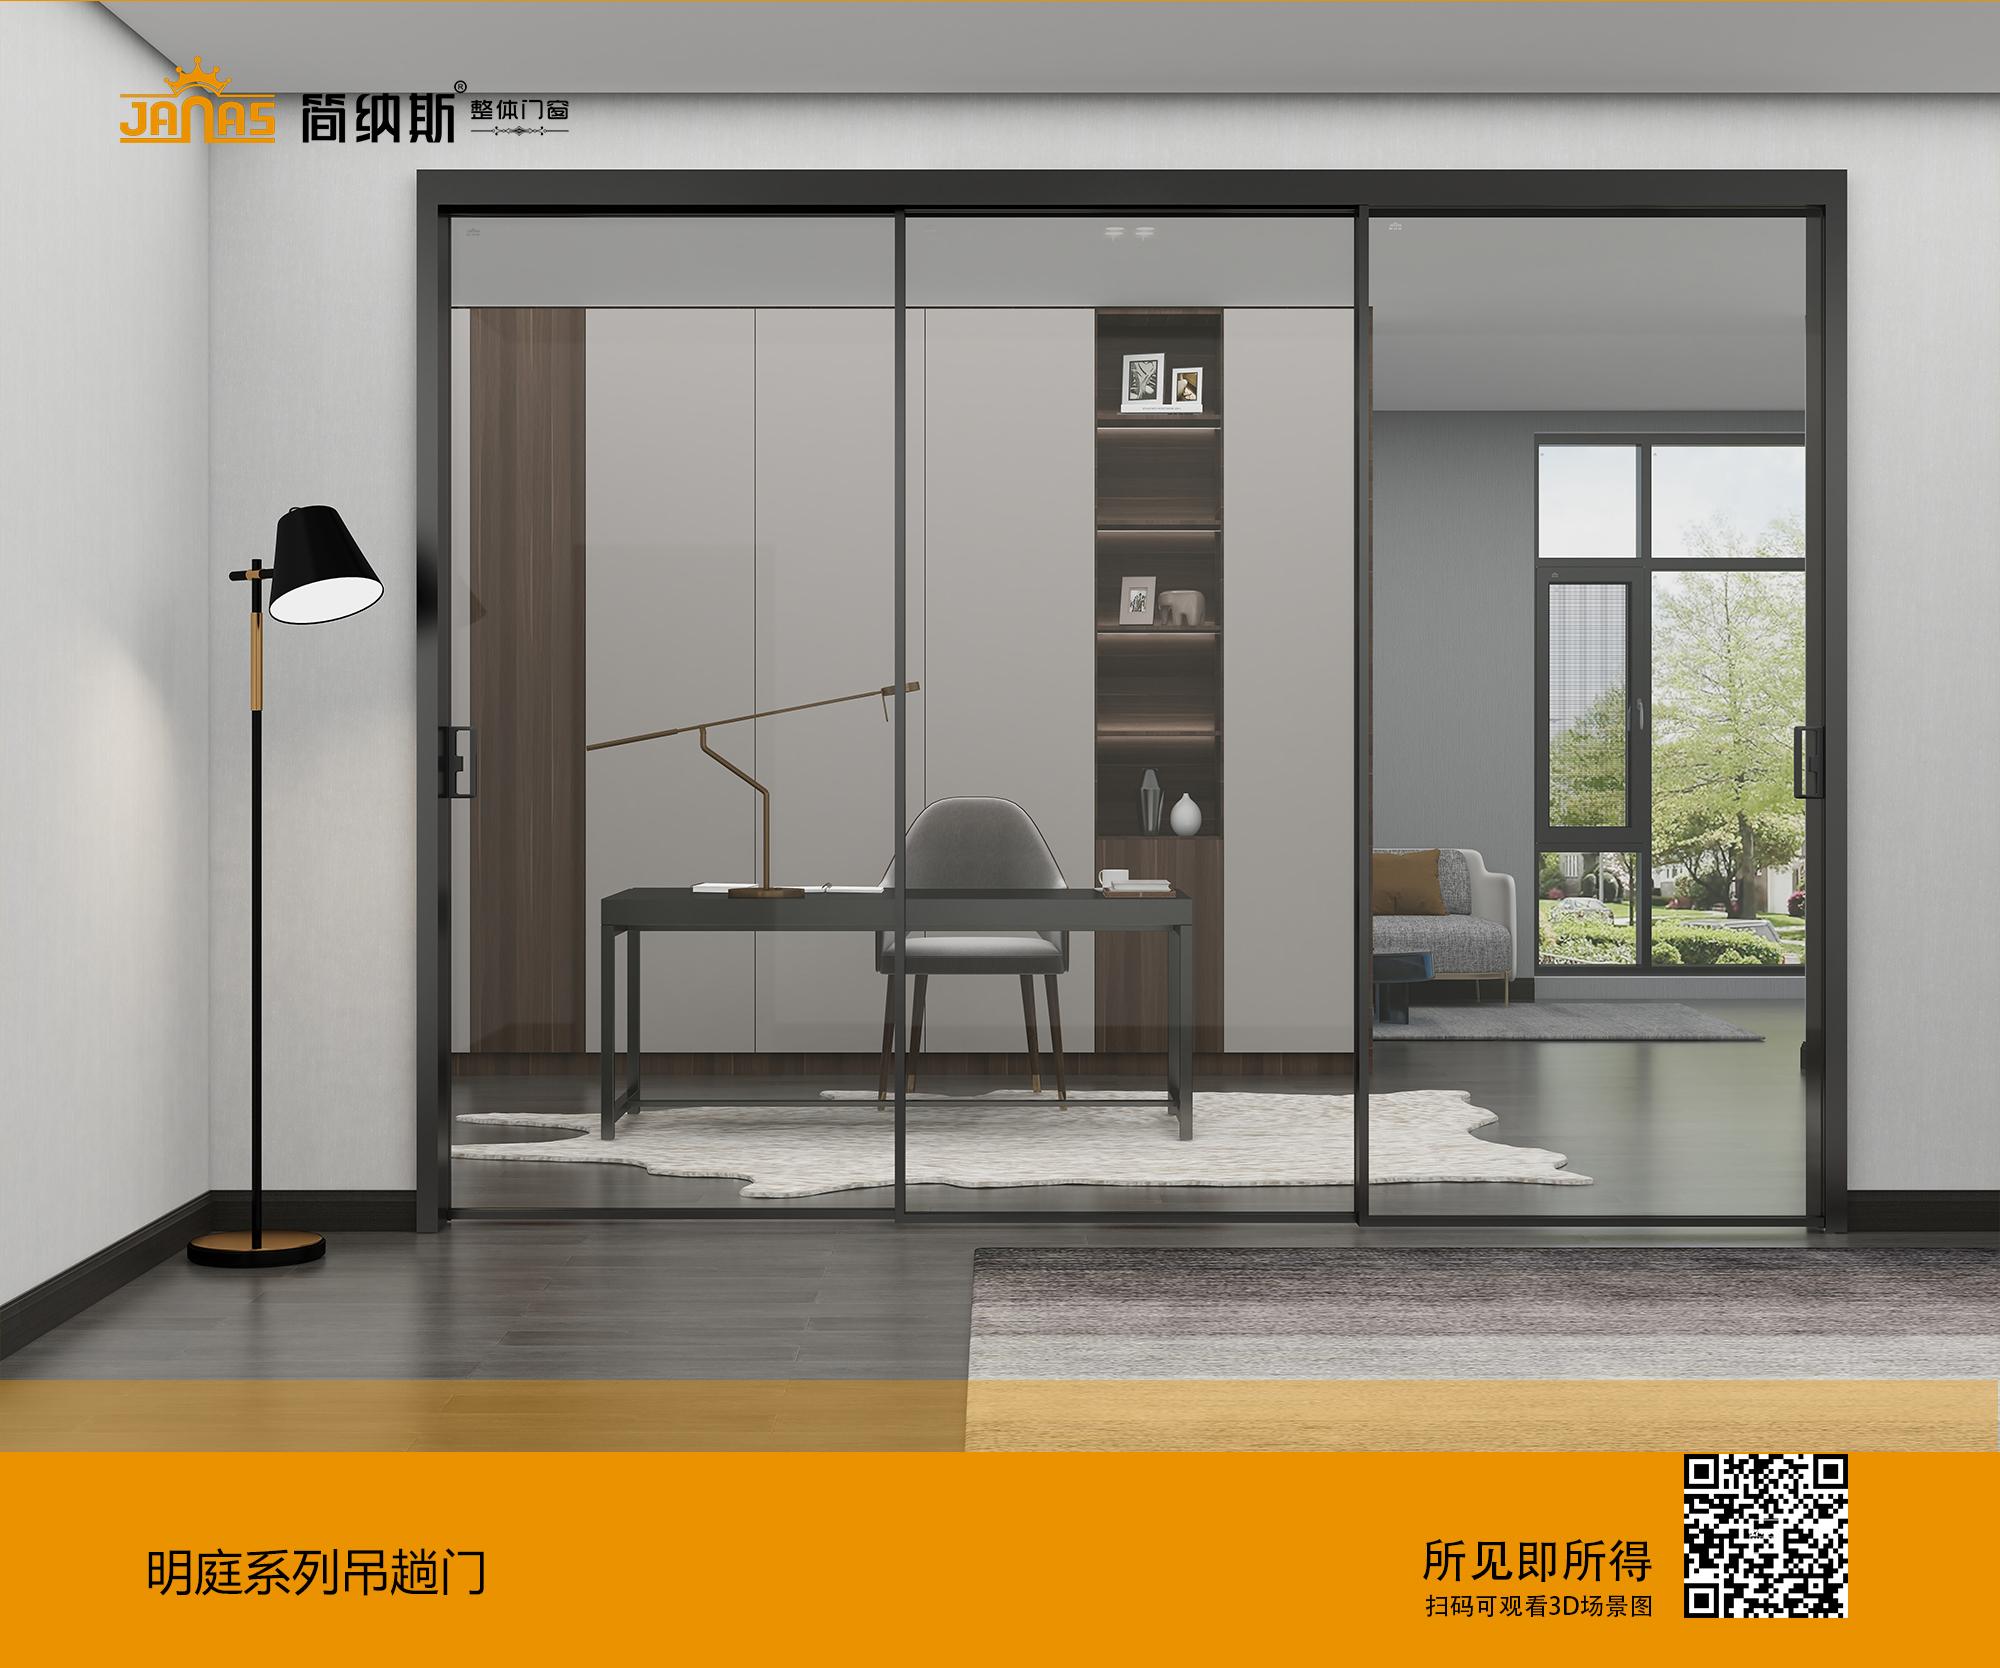 简纳斯门窗新品上市|极窄磁悬浮自动门,让家更有科技感